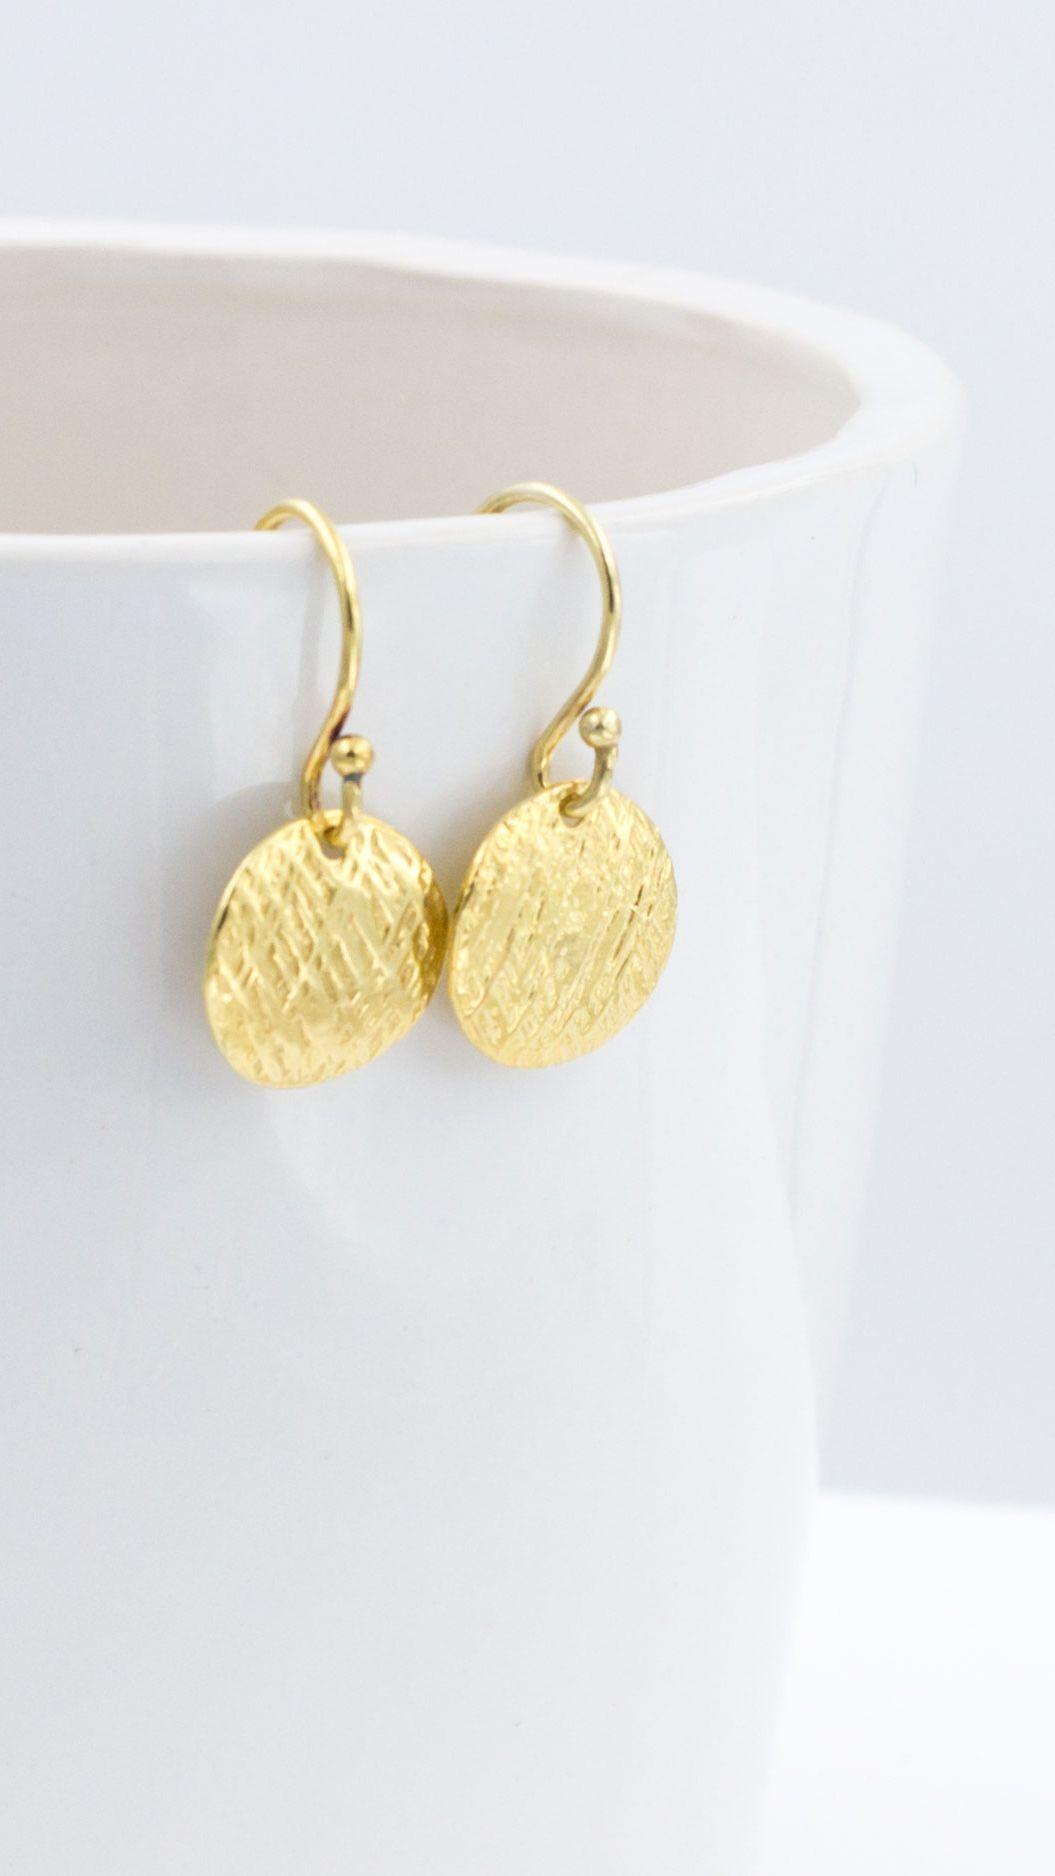 Pin by Kelila Jewelry on kelila jewelry   Classy earrings, Mom ...